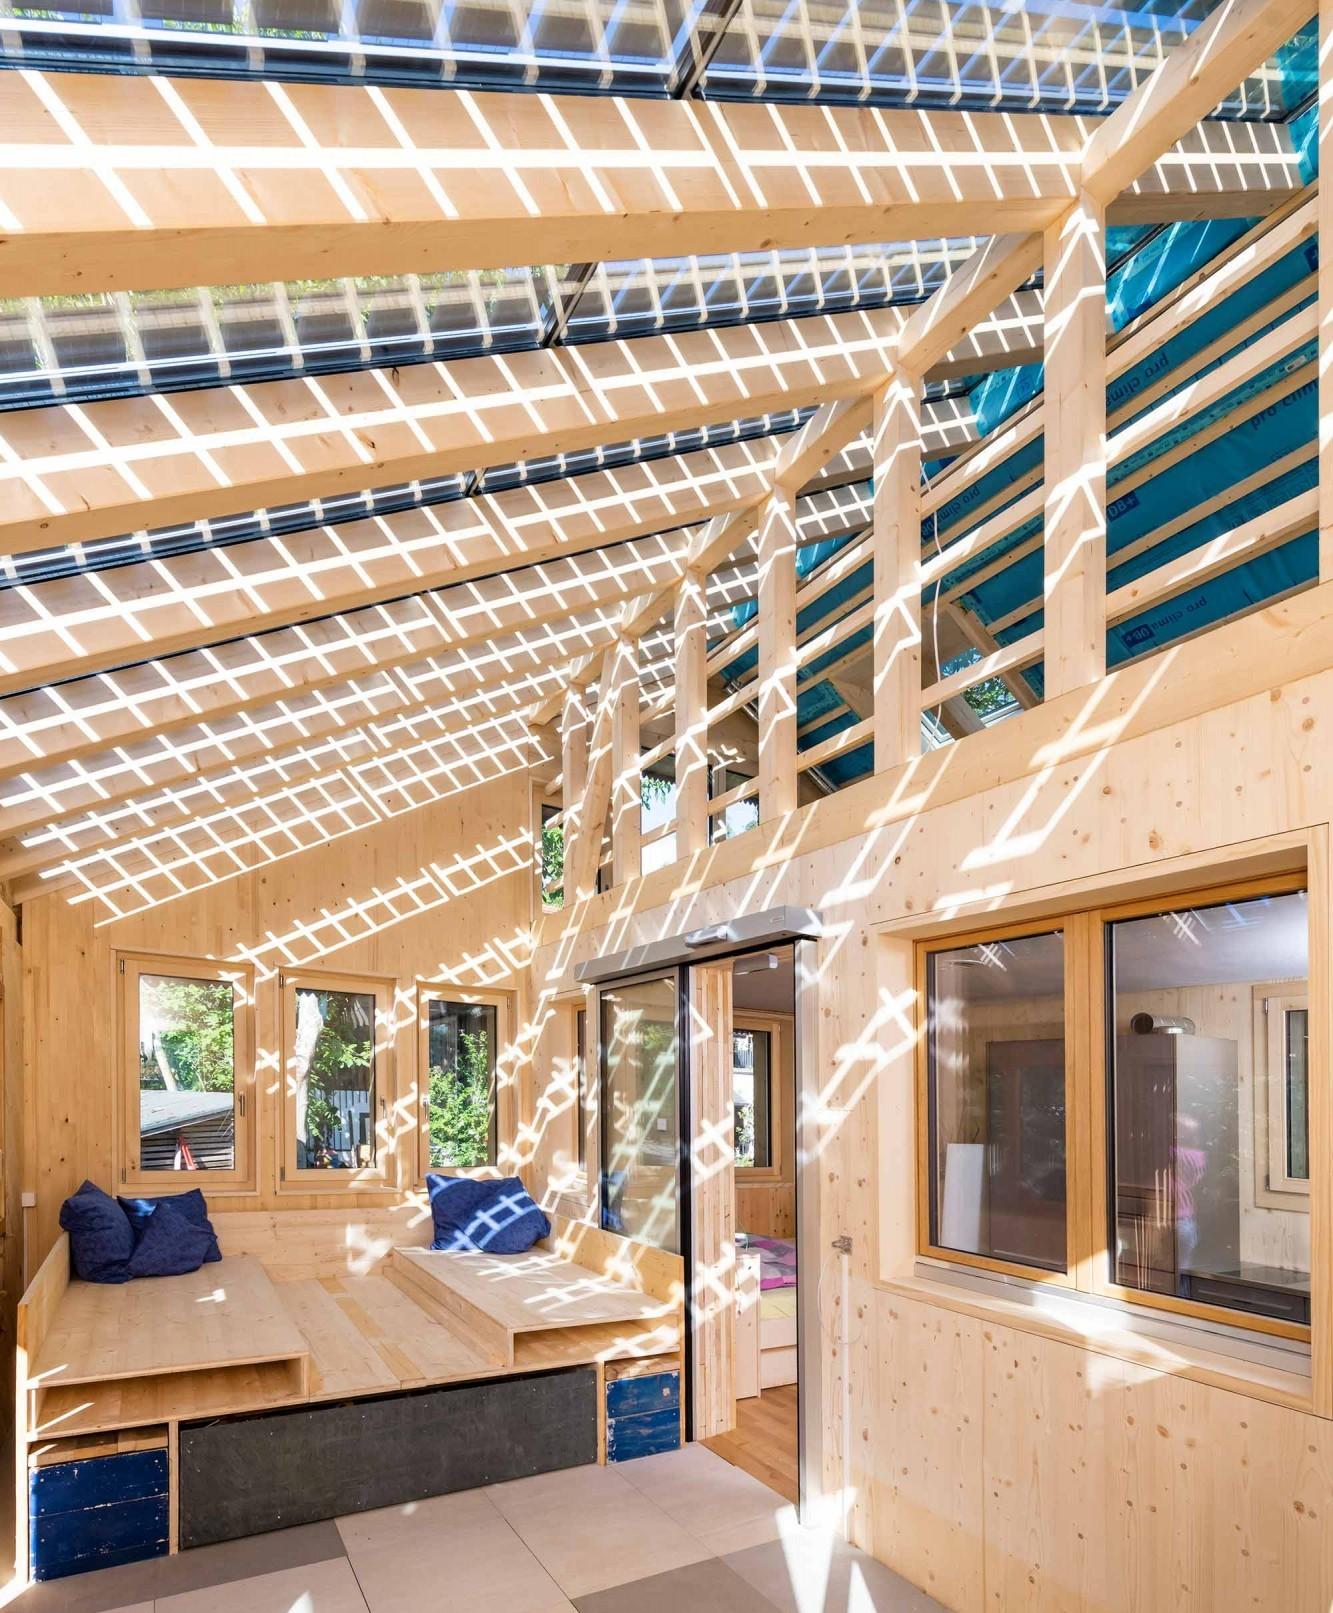 Solarmodule auf Wintergarten im Kreis-Haus in Hombrechtikon